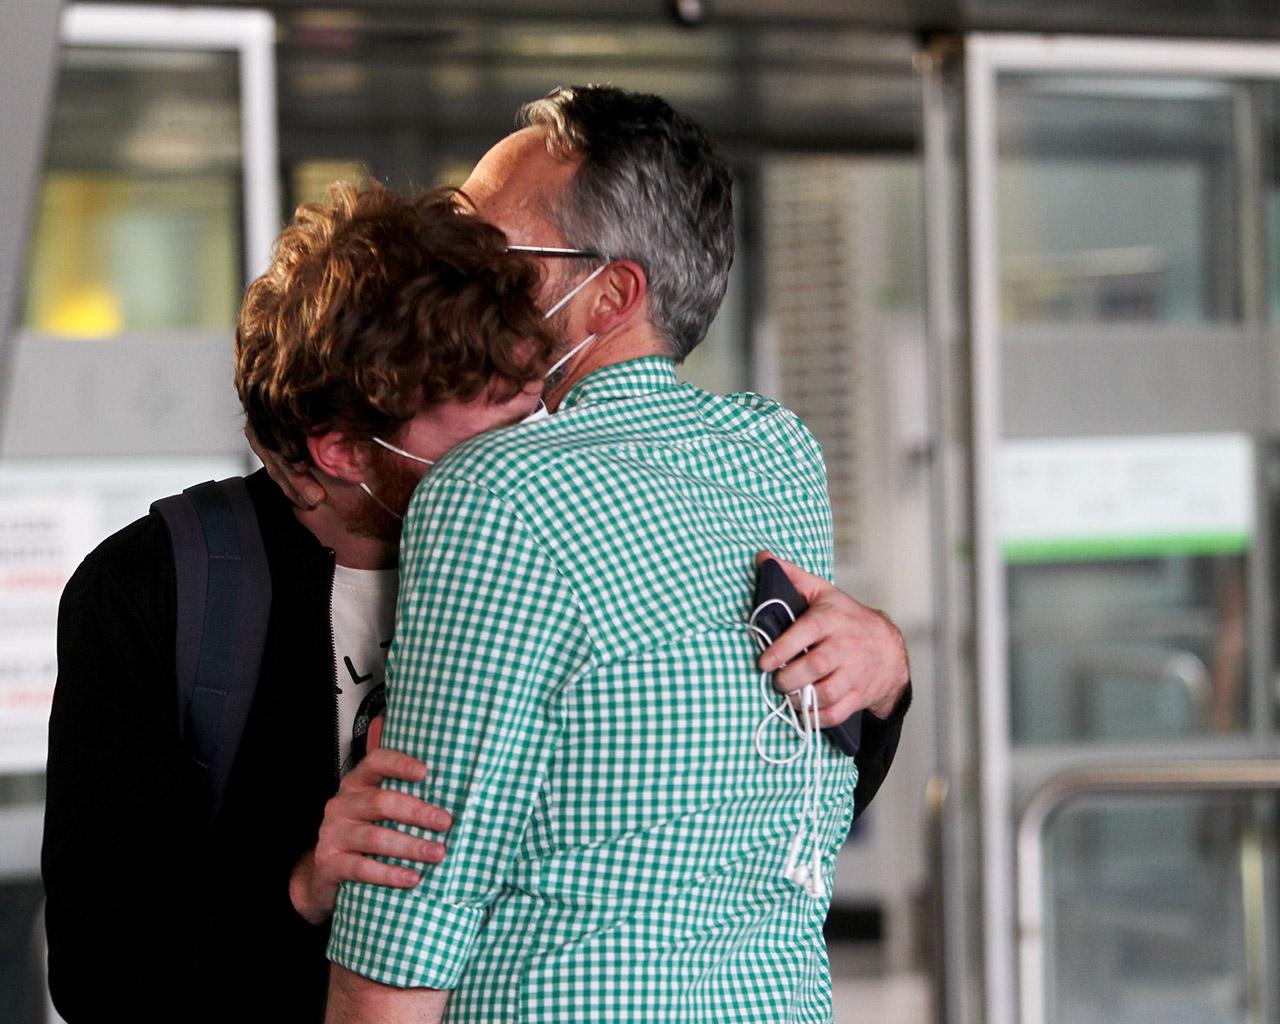 Reencuentros en el Aeropuerto Adolfo Suárez Madrid Barajas, tras la finalización del Estado de Alarma. Madrid. 21/06/2020.